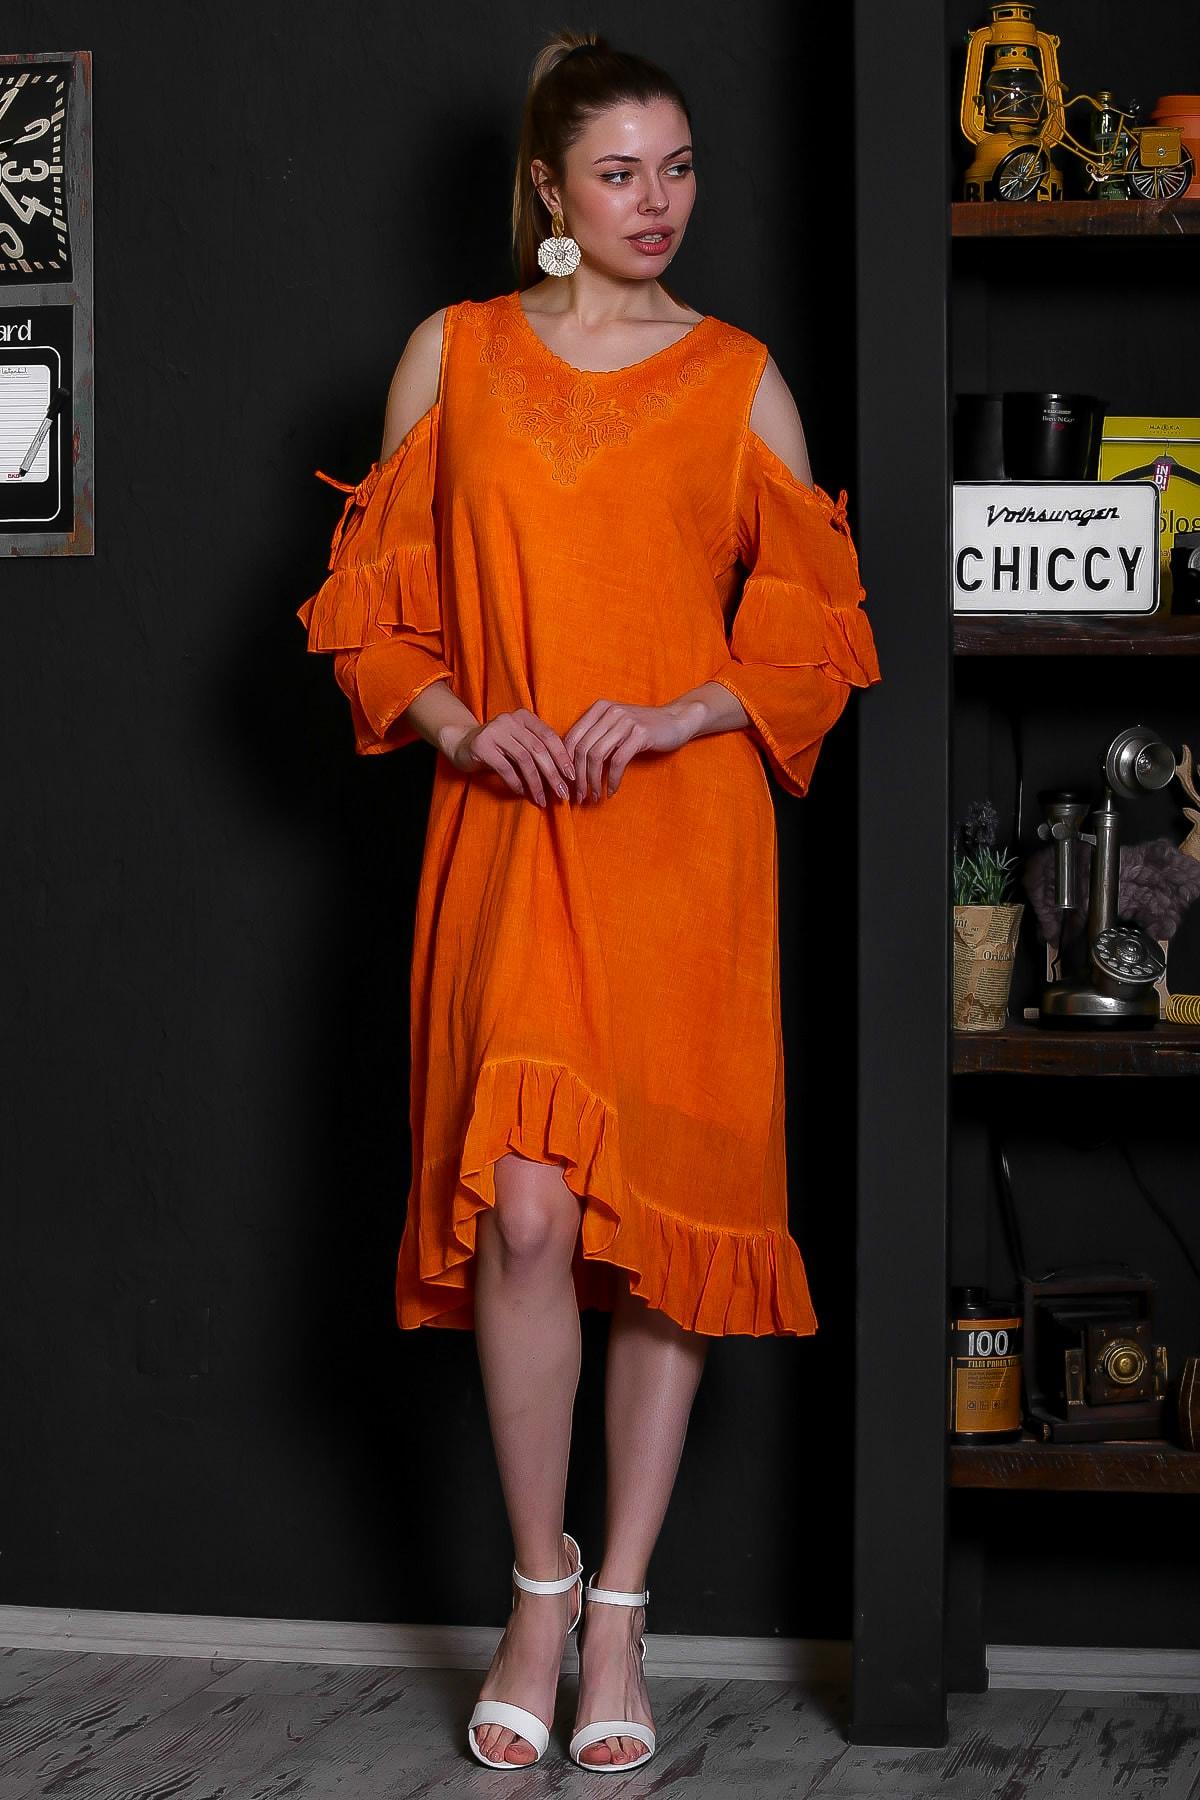 Chiccy Kadın Turuncu Dantel Yakalı Omuzları Pencereli Volanlı Astarlı Yıkamalı Elbise M10160000EL95361